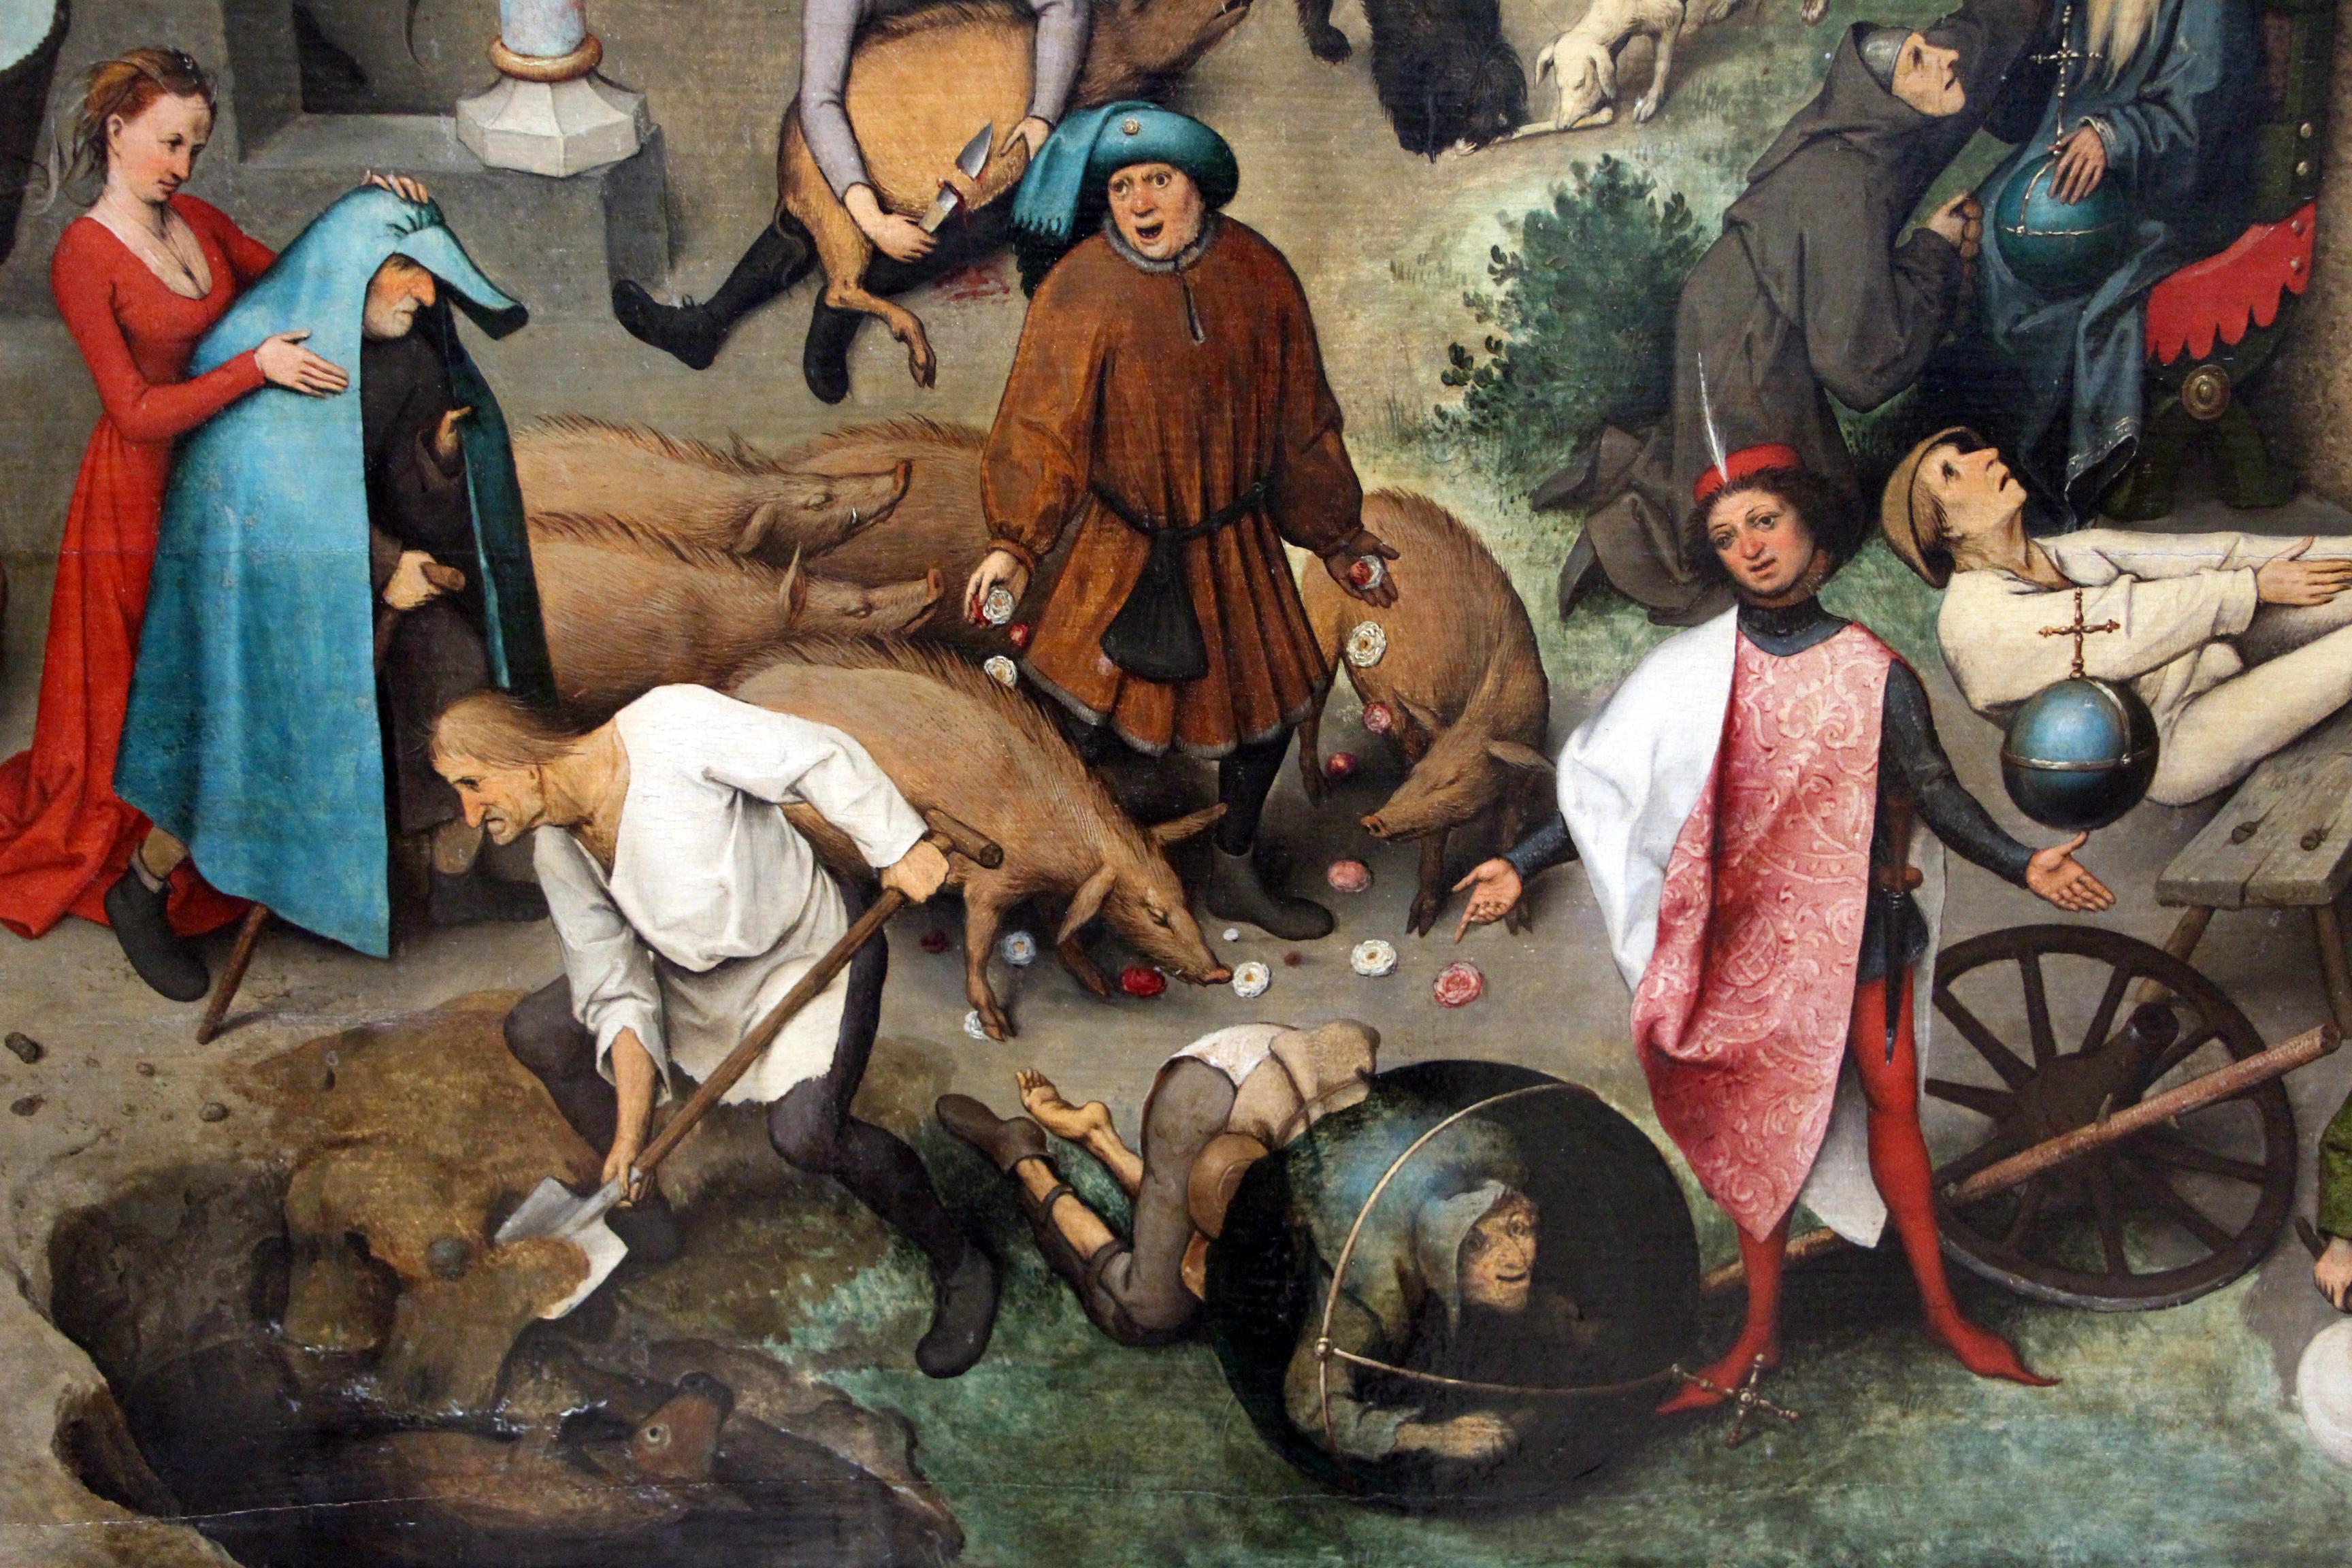 File:Bruegel il vecchio, proverbi fiamminghi, 1559, 21.JPG